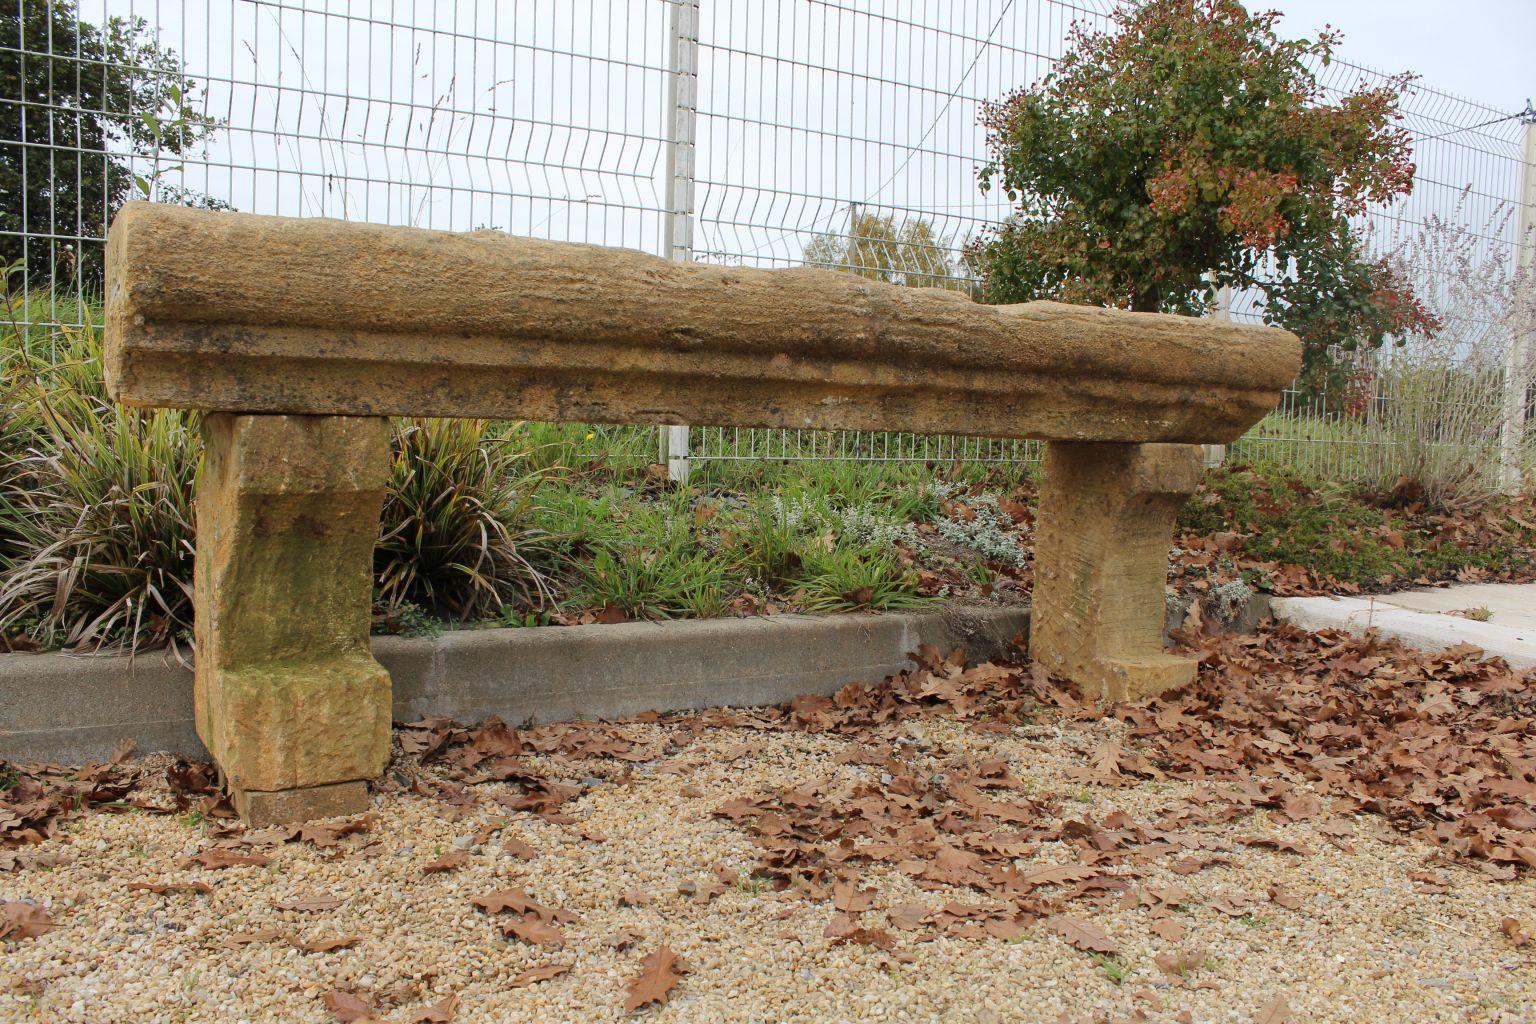 Banc En Pierre Ancien dedans banc en pierre ancien - banc de jardin ancien   bca matériaux anciens